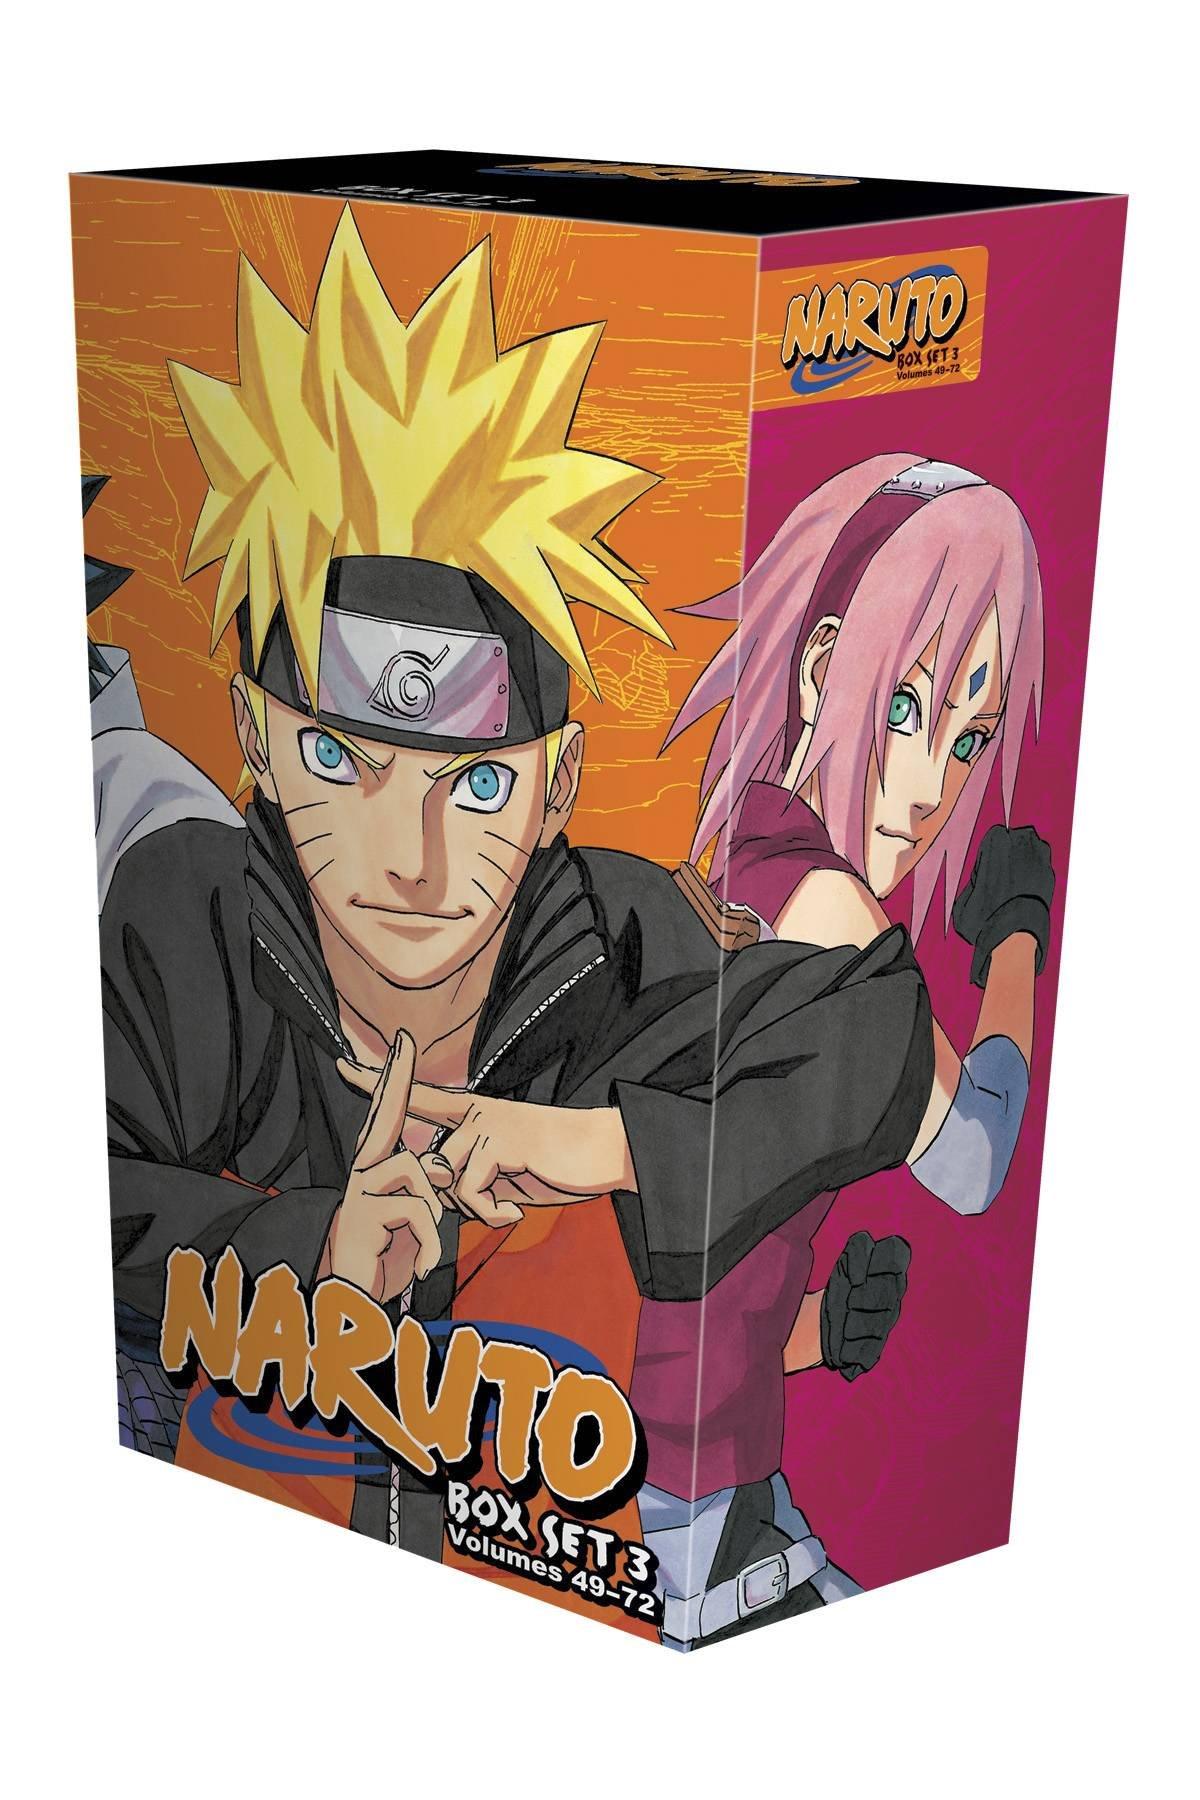 Naruto Box Set 3: Volumes 49-72 with Premium (3): Masashi Kishimoto